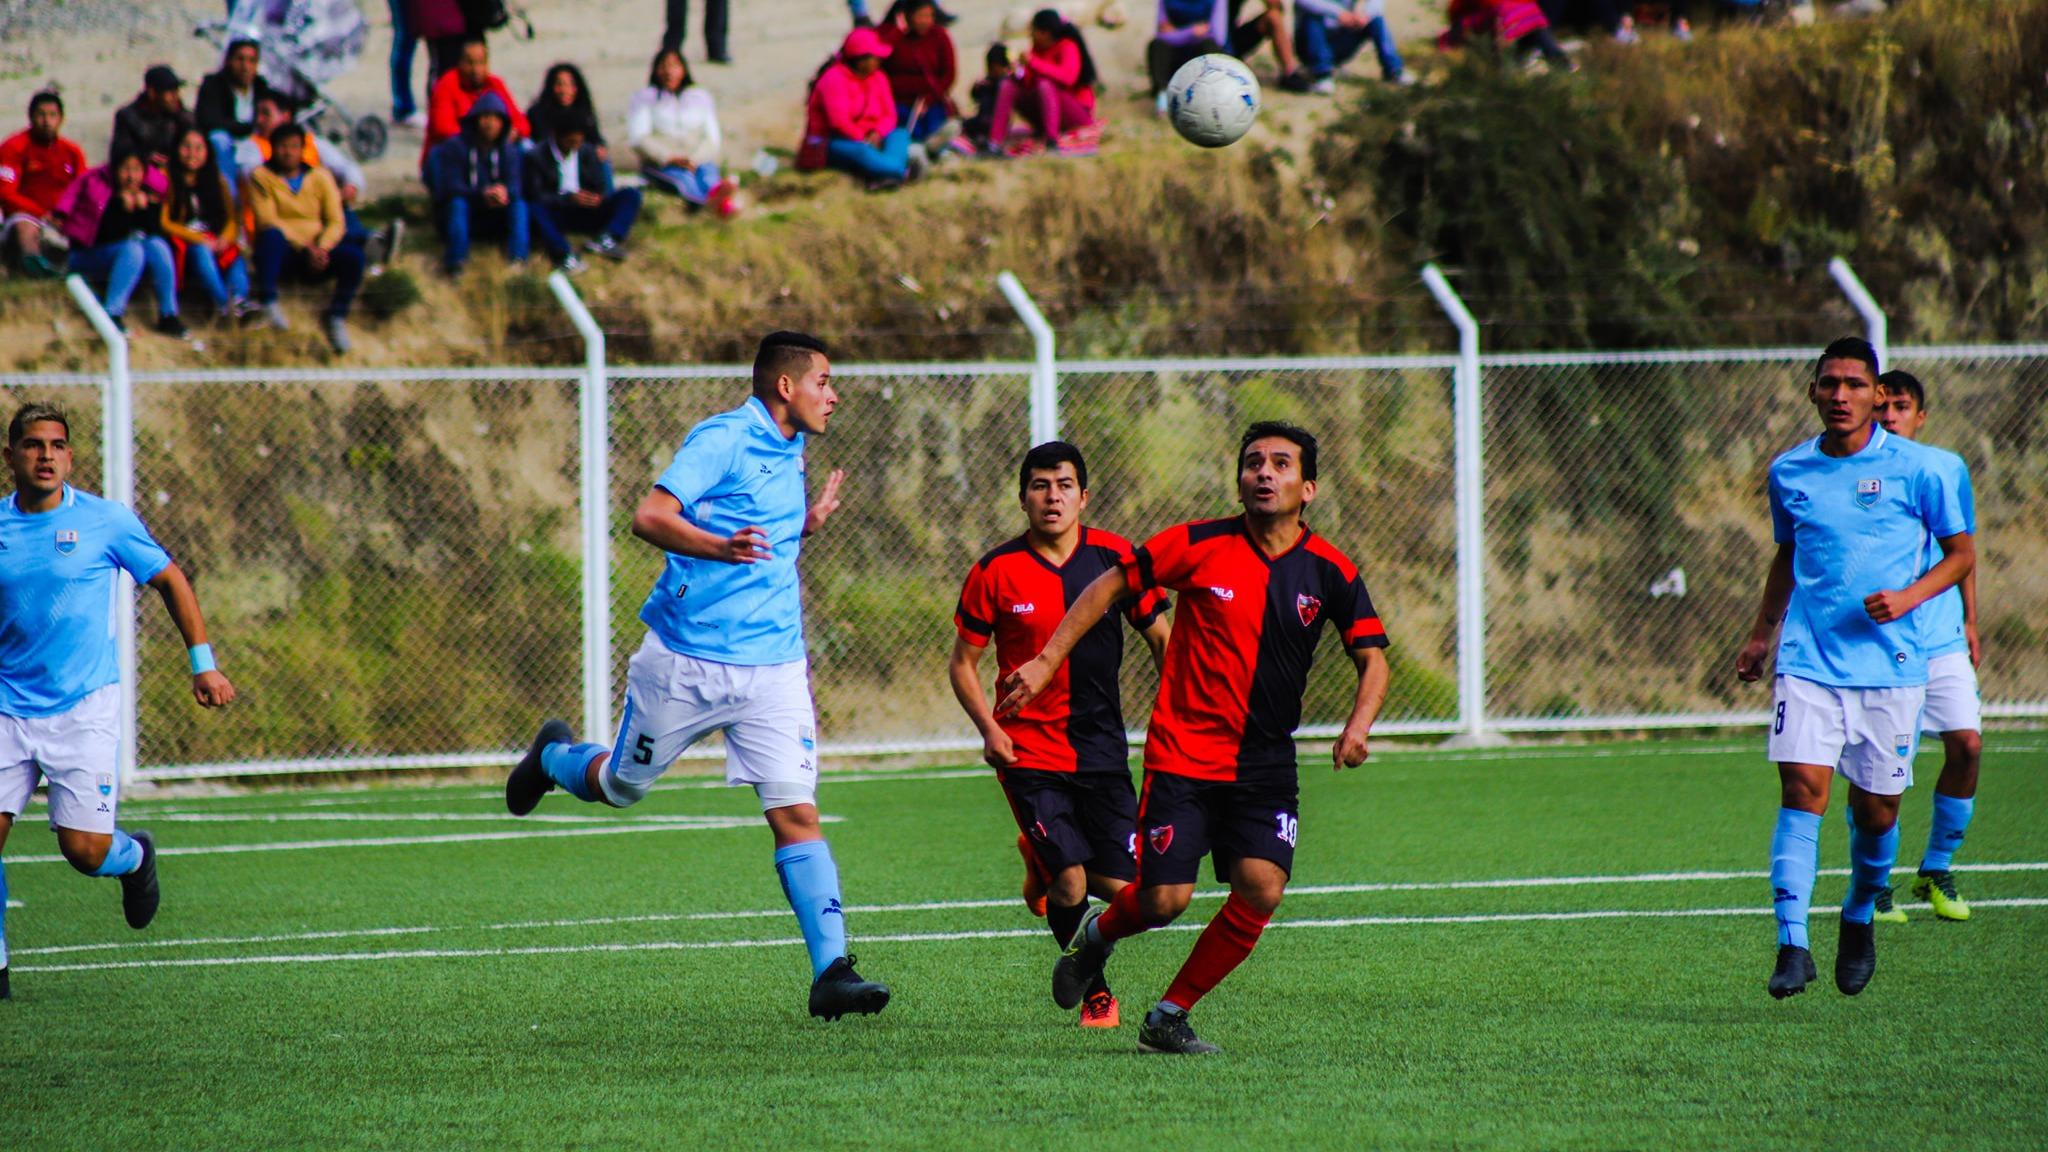 Los fanáticos del club Deportivo Llacuabamba comparan a sus jugadores con estrellas internacionales tras el avasallador triunfo.